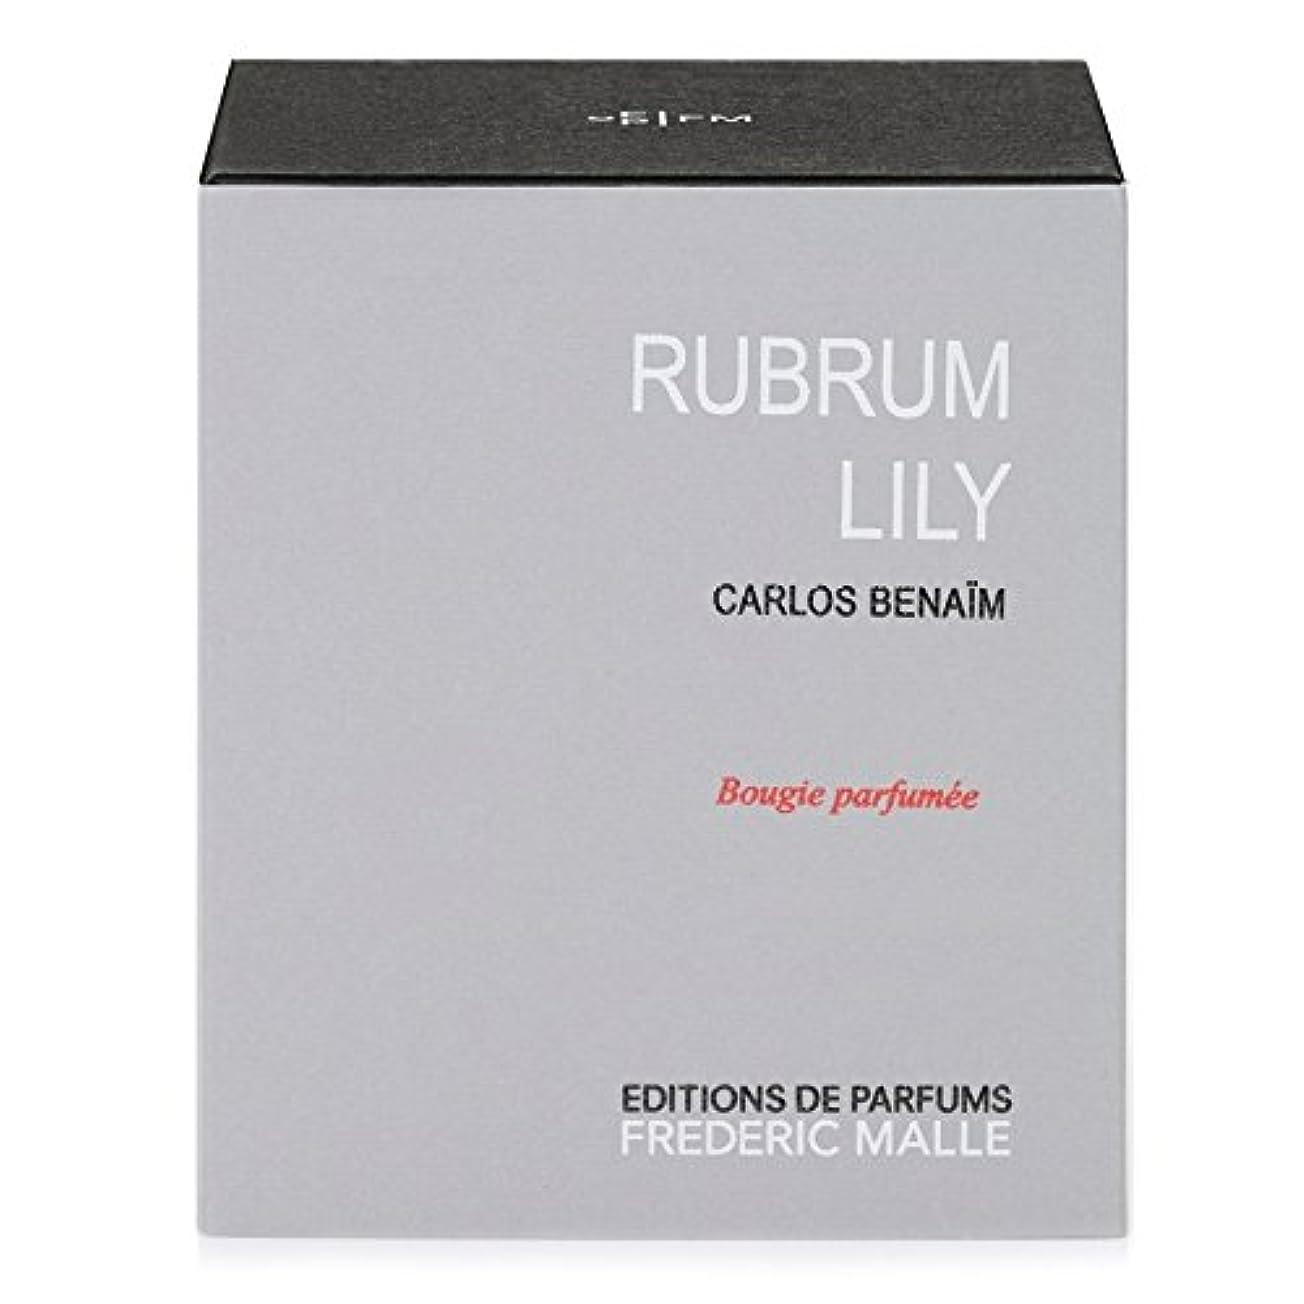 相対的視聴者根拠Frederic Malle Rubrum Lily Scented Candle - フレデリック?マルルブルムユリの香りのキャンドル [並行輸入品]